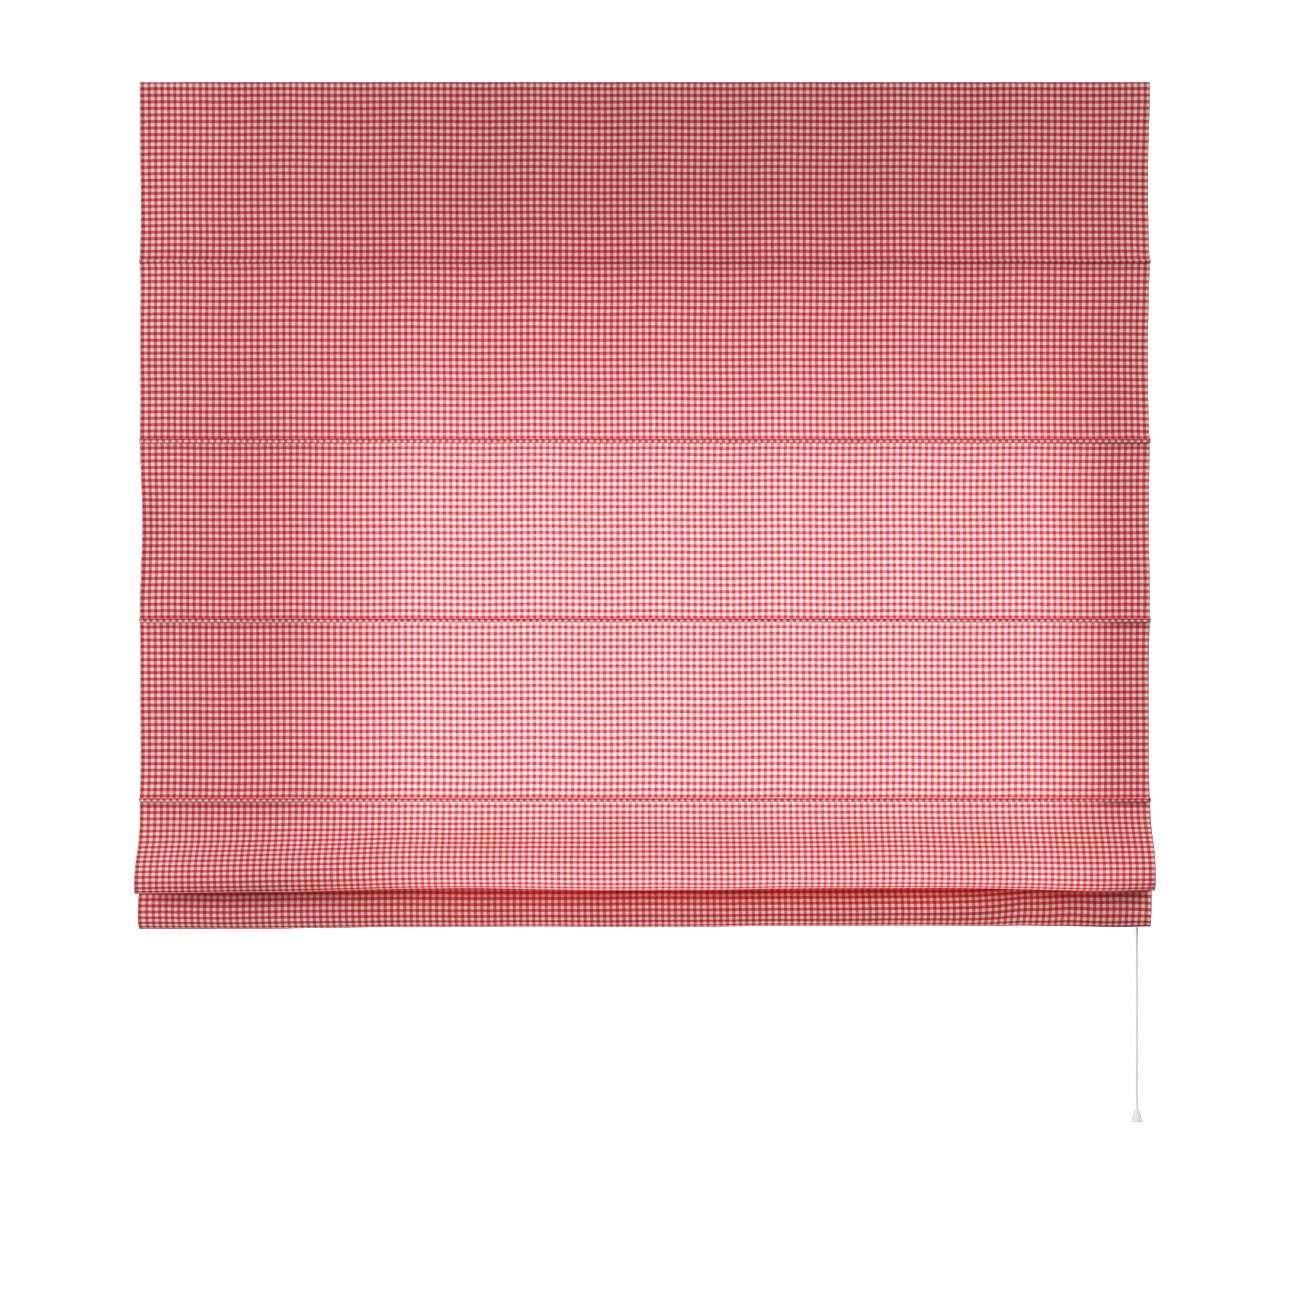 Romanetės Capri 80 x 170 cm (plotis x ilgis) kolekcijoje Quadro, audinys: 136-15